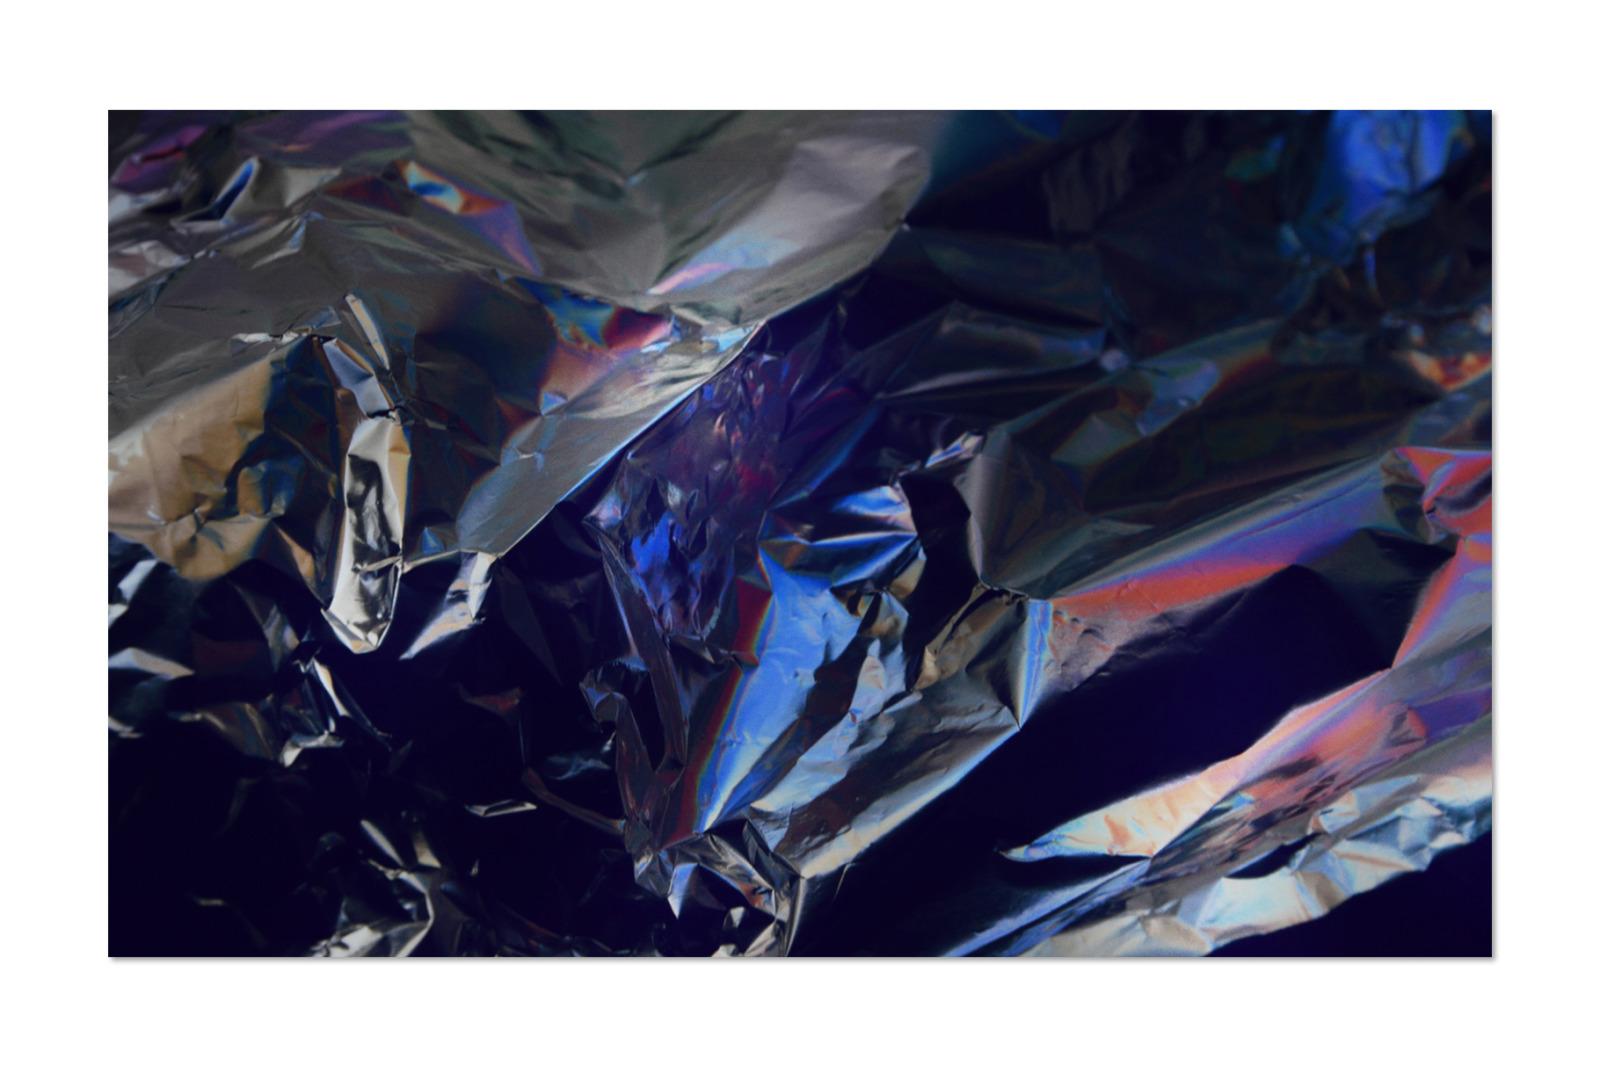 [淘宝购买] 80款潮流全息渐变虹彩金属箔纸纹理海报设计背景图片素材 Crumbled – 80 Foil Textures插图17